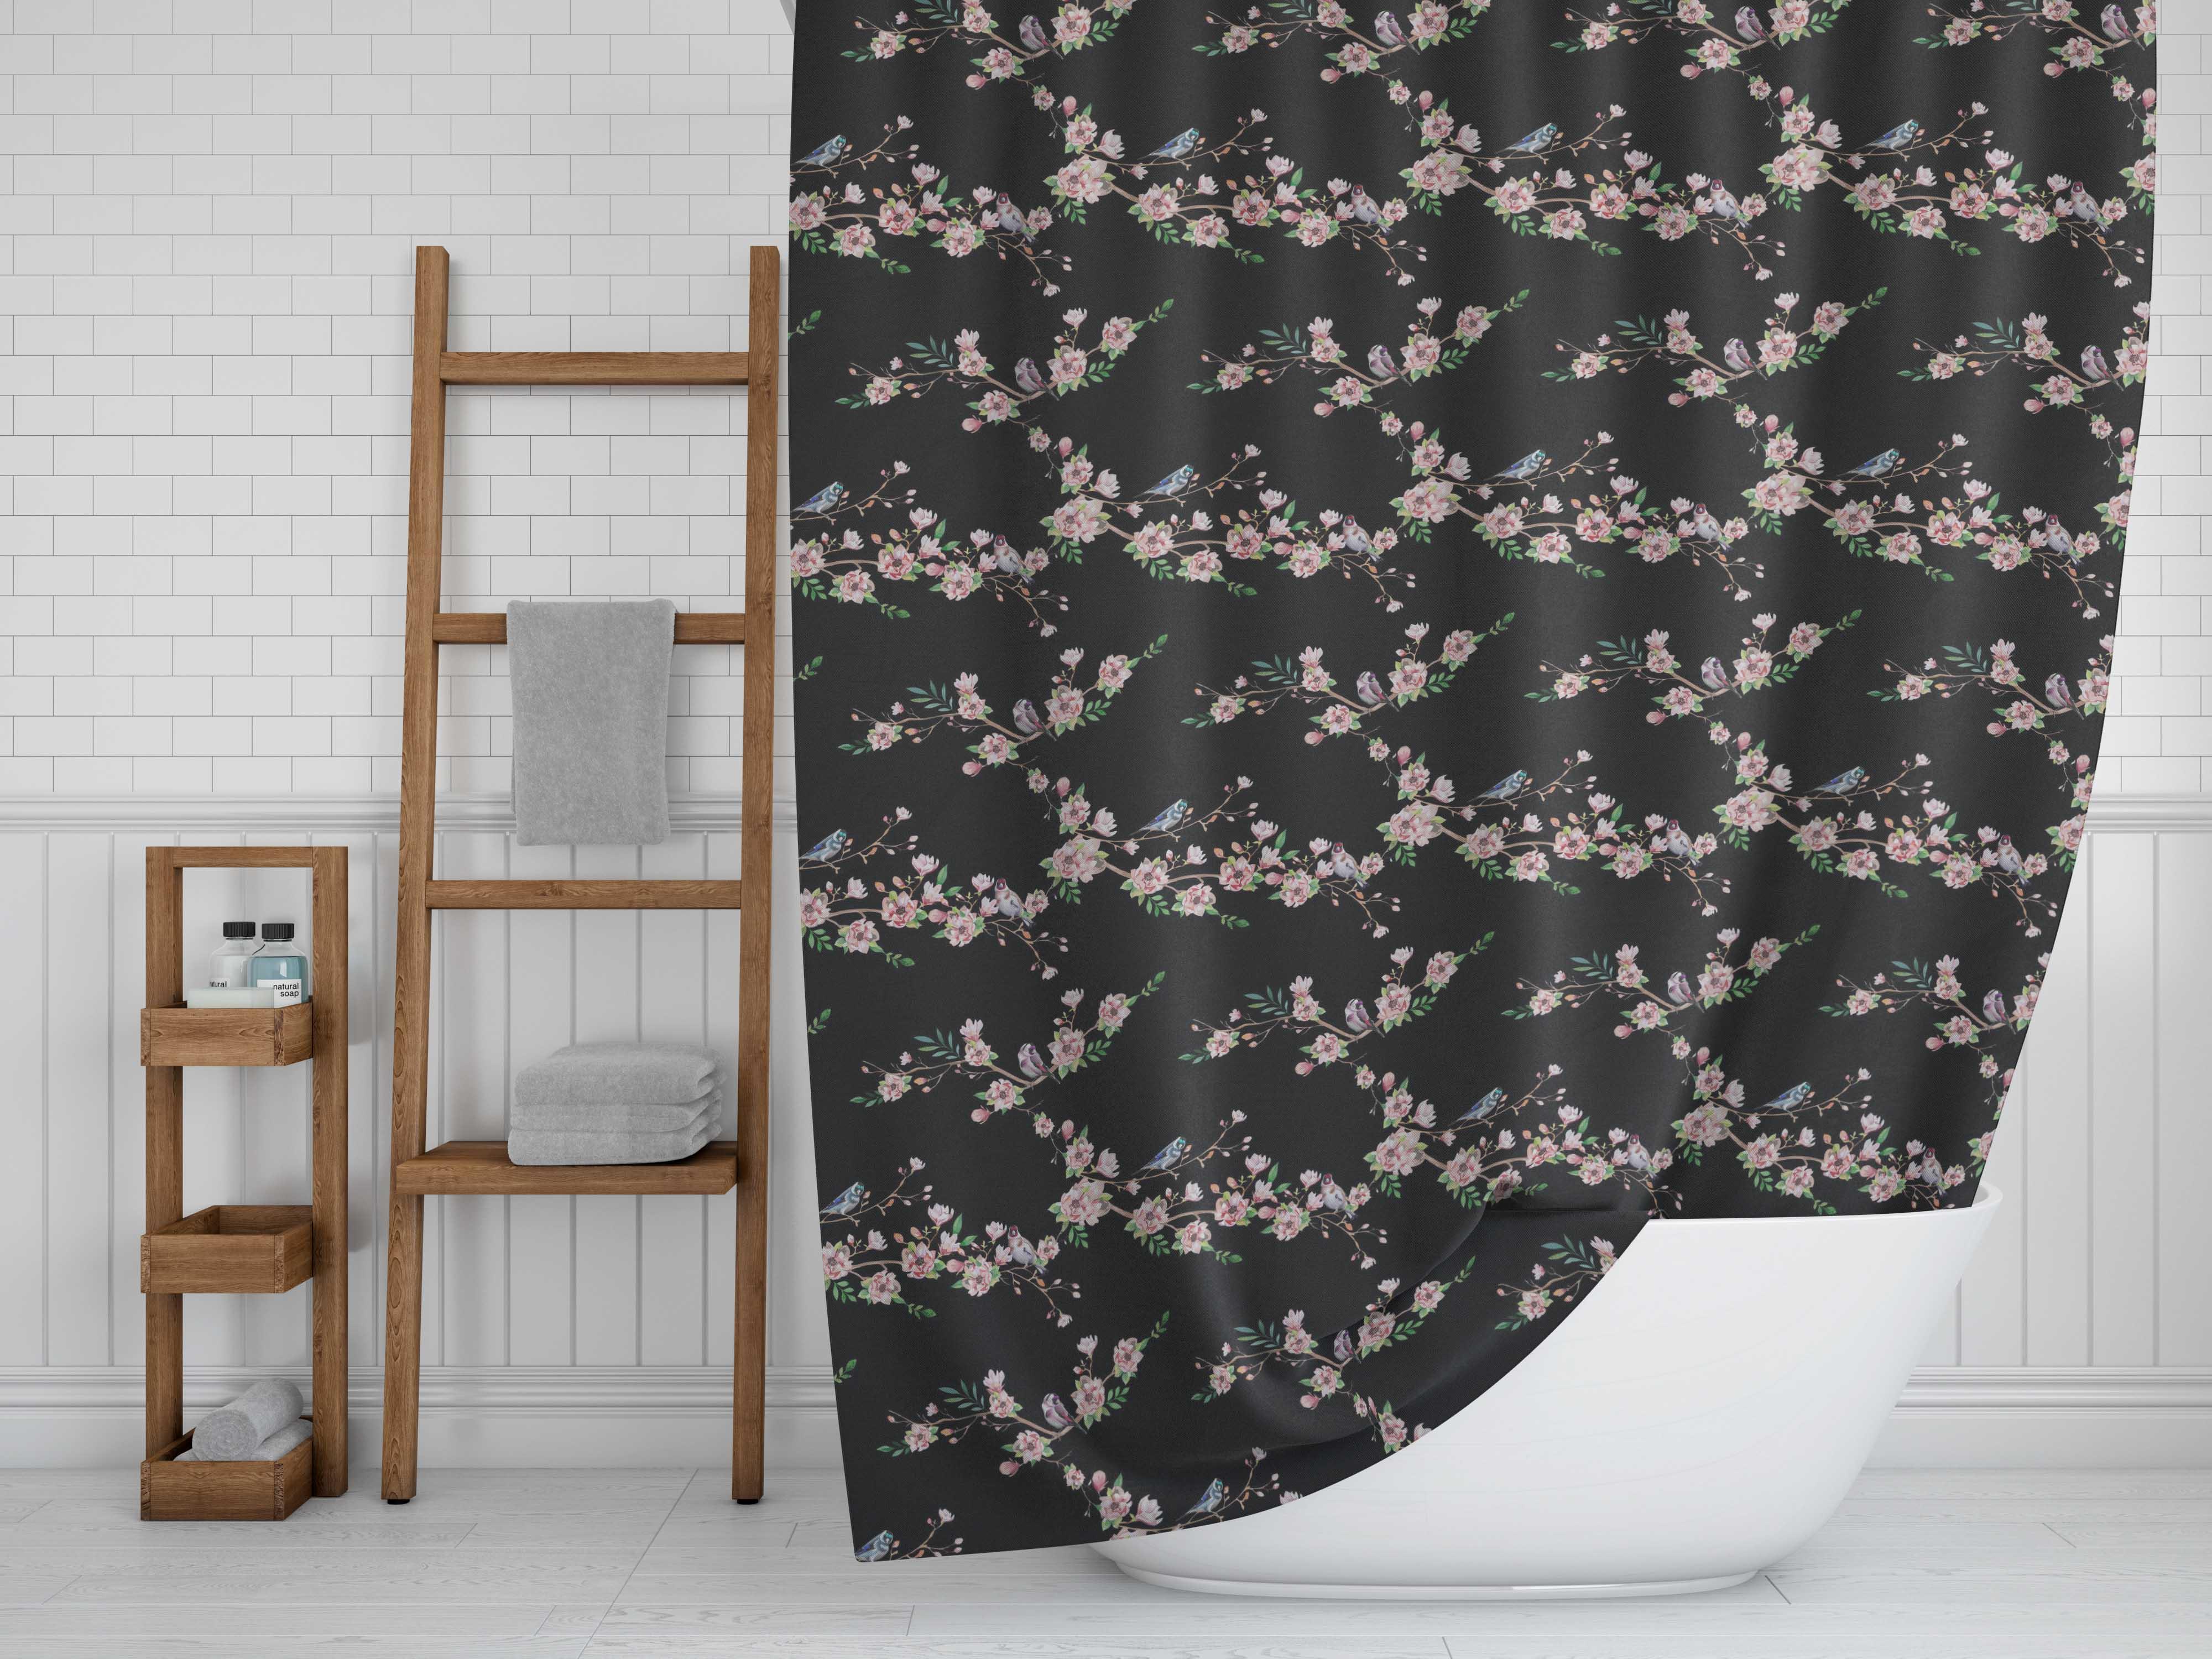 miniature 15 - S4Sassy Noir fleur et chardonneret oiseau rideaux de douche imprim?s-JpP